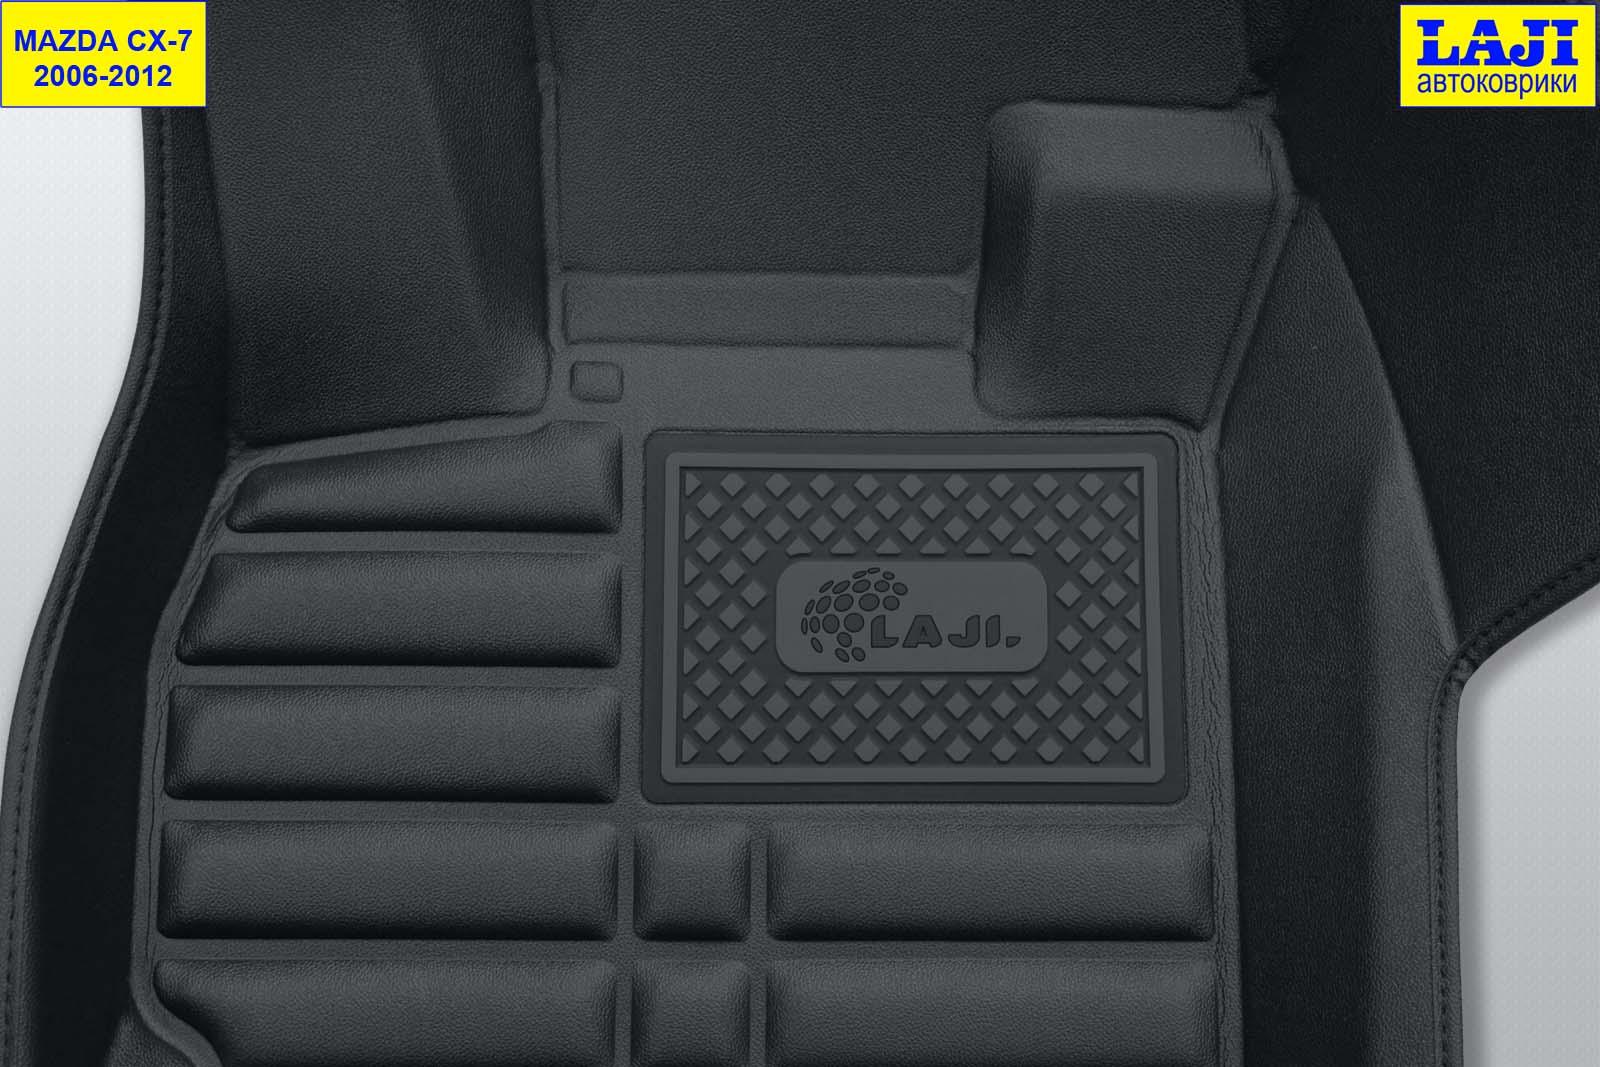 5D коврики в салон Mazda CX-7 2006-2012 6